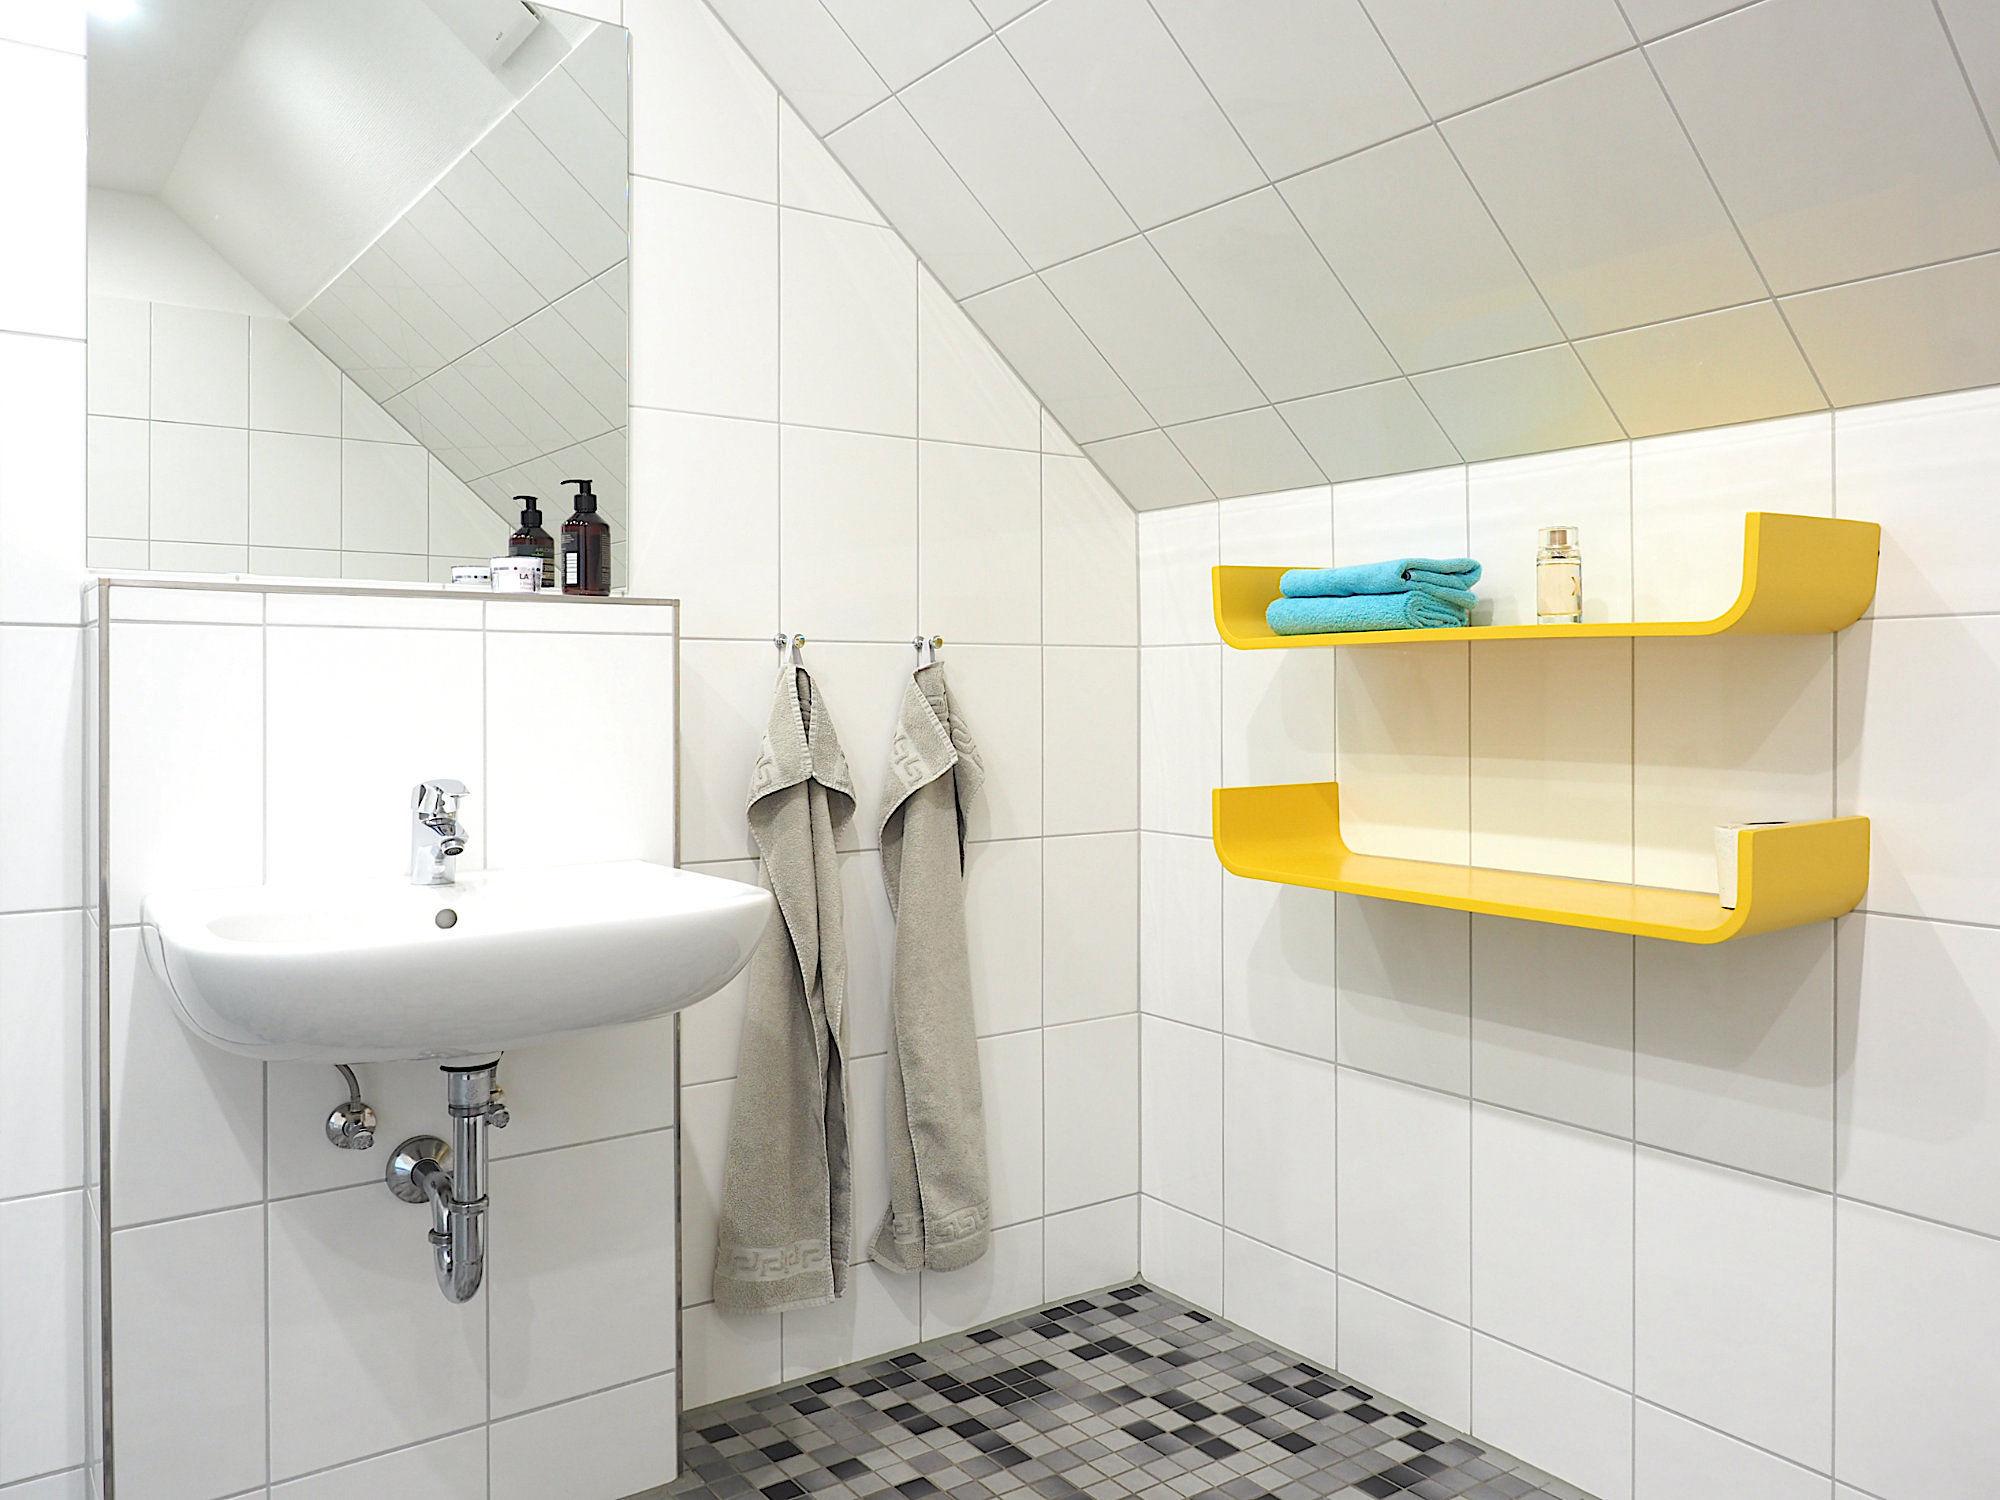 Duschbad mit Waschbecken und zwei Regalen